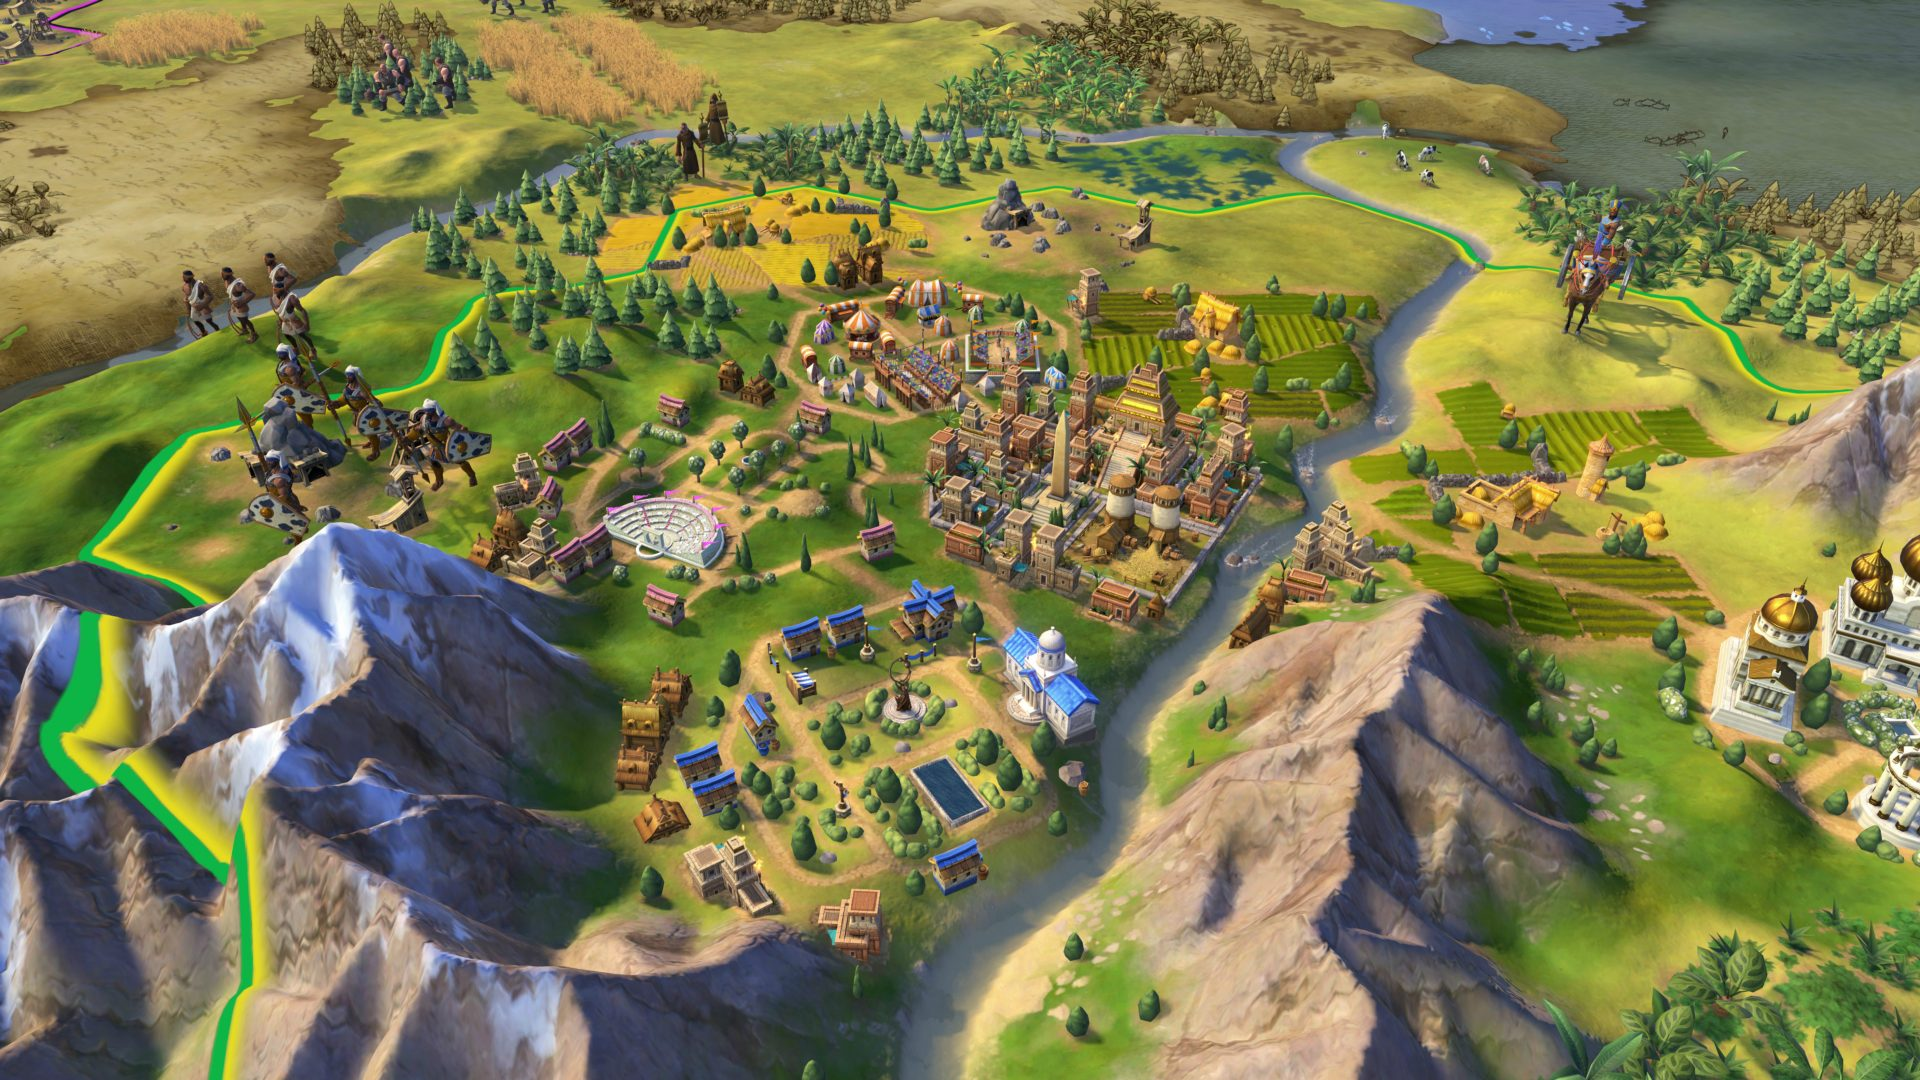 2KGMKT_CivilizationVI_Screenshot_Preview_Brazil_3Districts_02